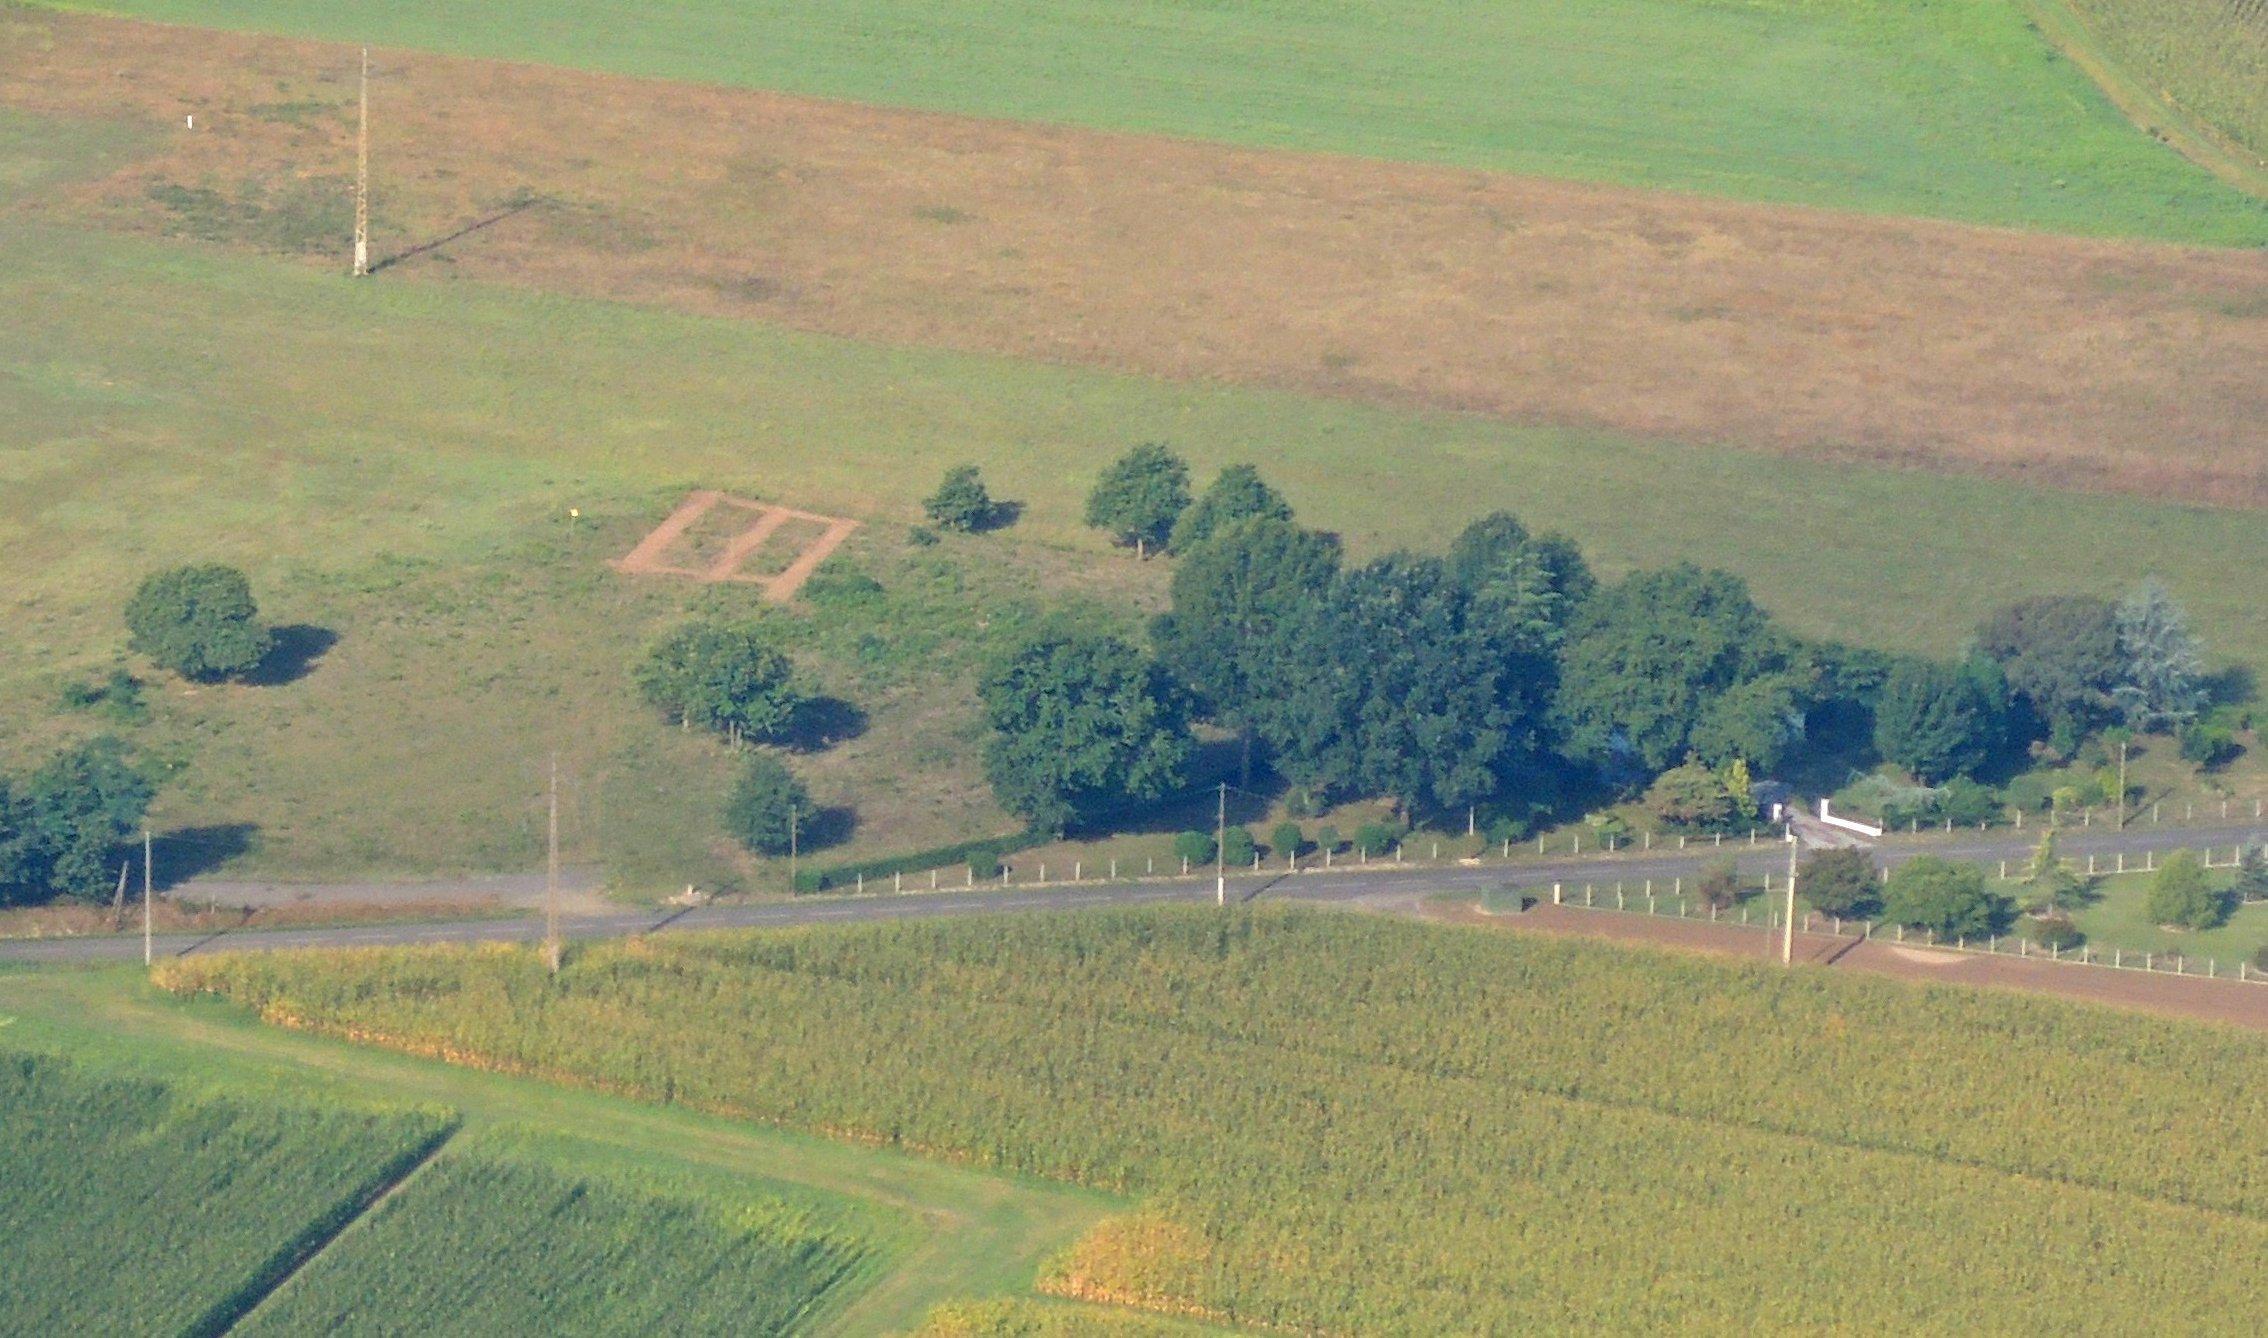 Ein Luftbild einer Ortolanfalle im Südwesten Frankreichs